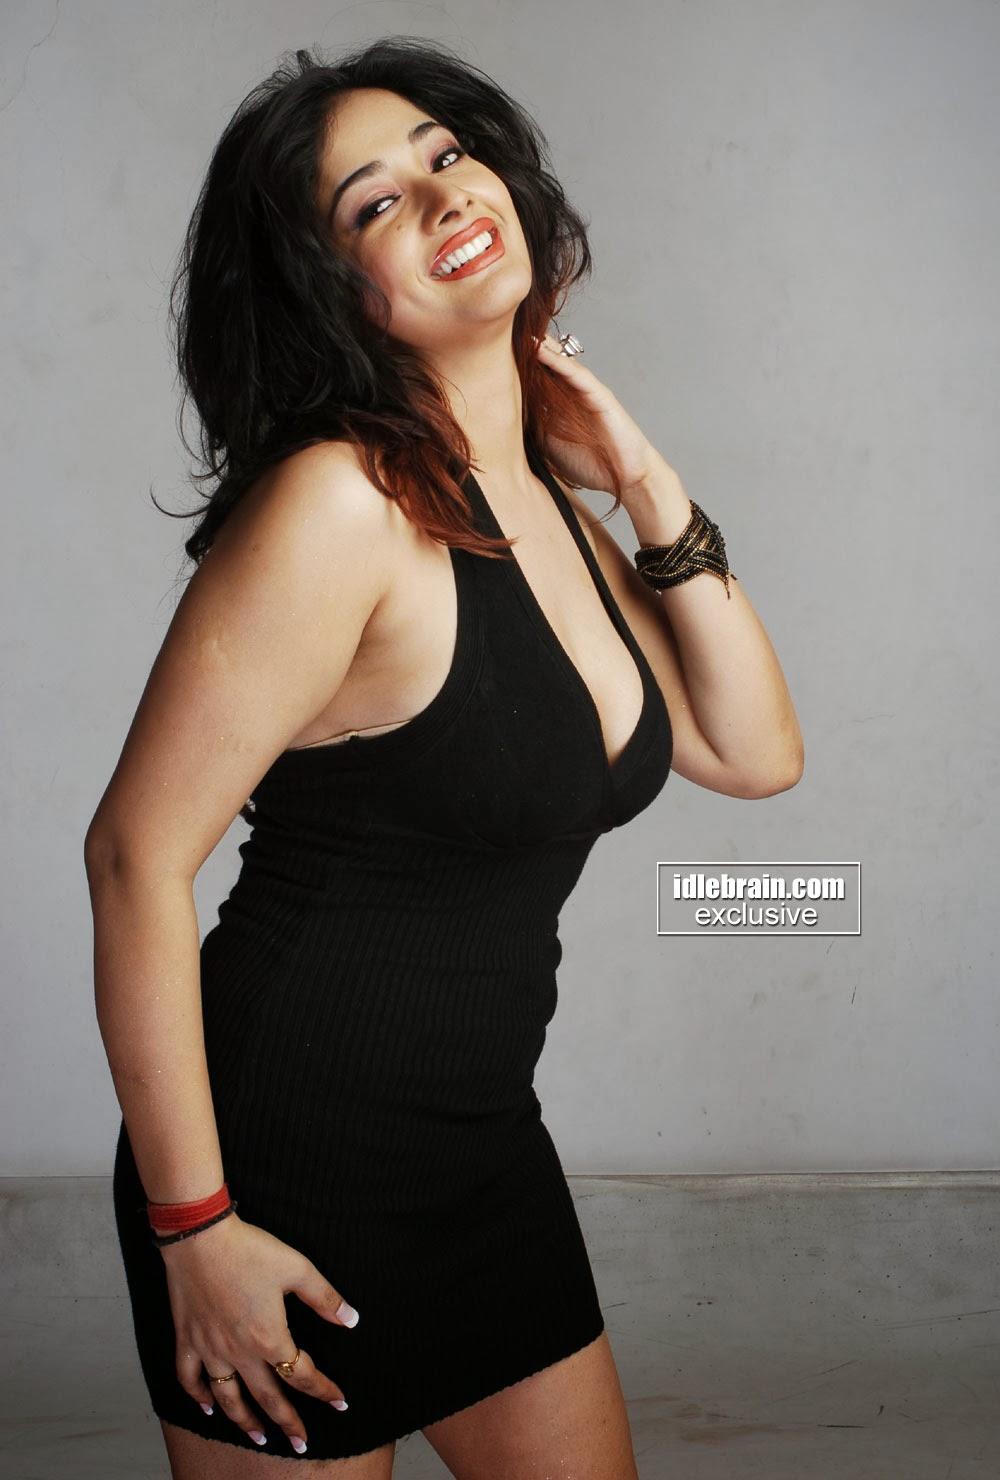 Indian Garam Masala Kiran Rathod Sexy Cleavage Photos